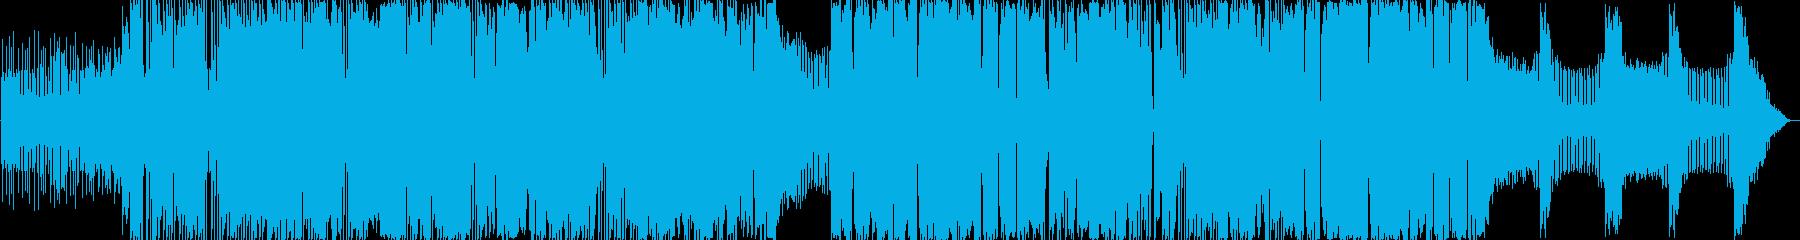 エレクトロ。ソフトEDM。の再生済みの波形